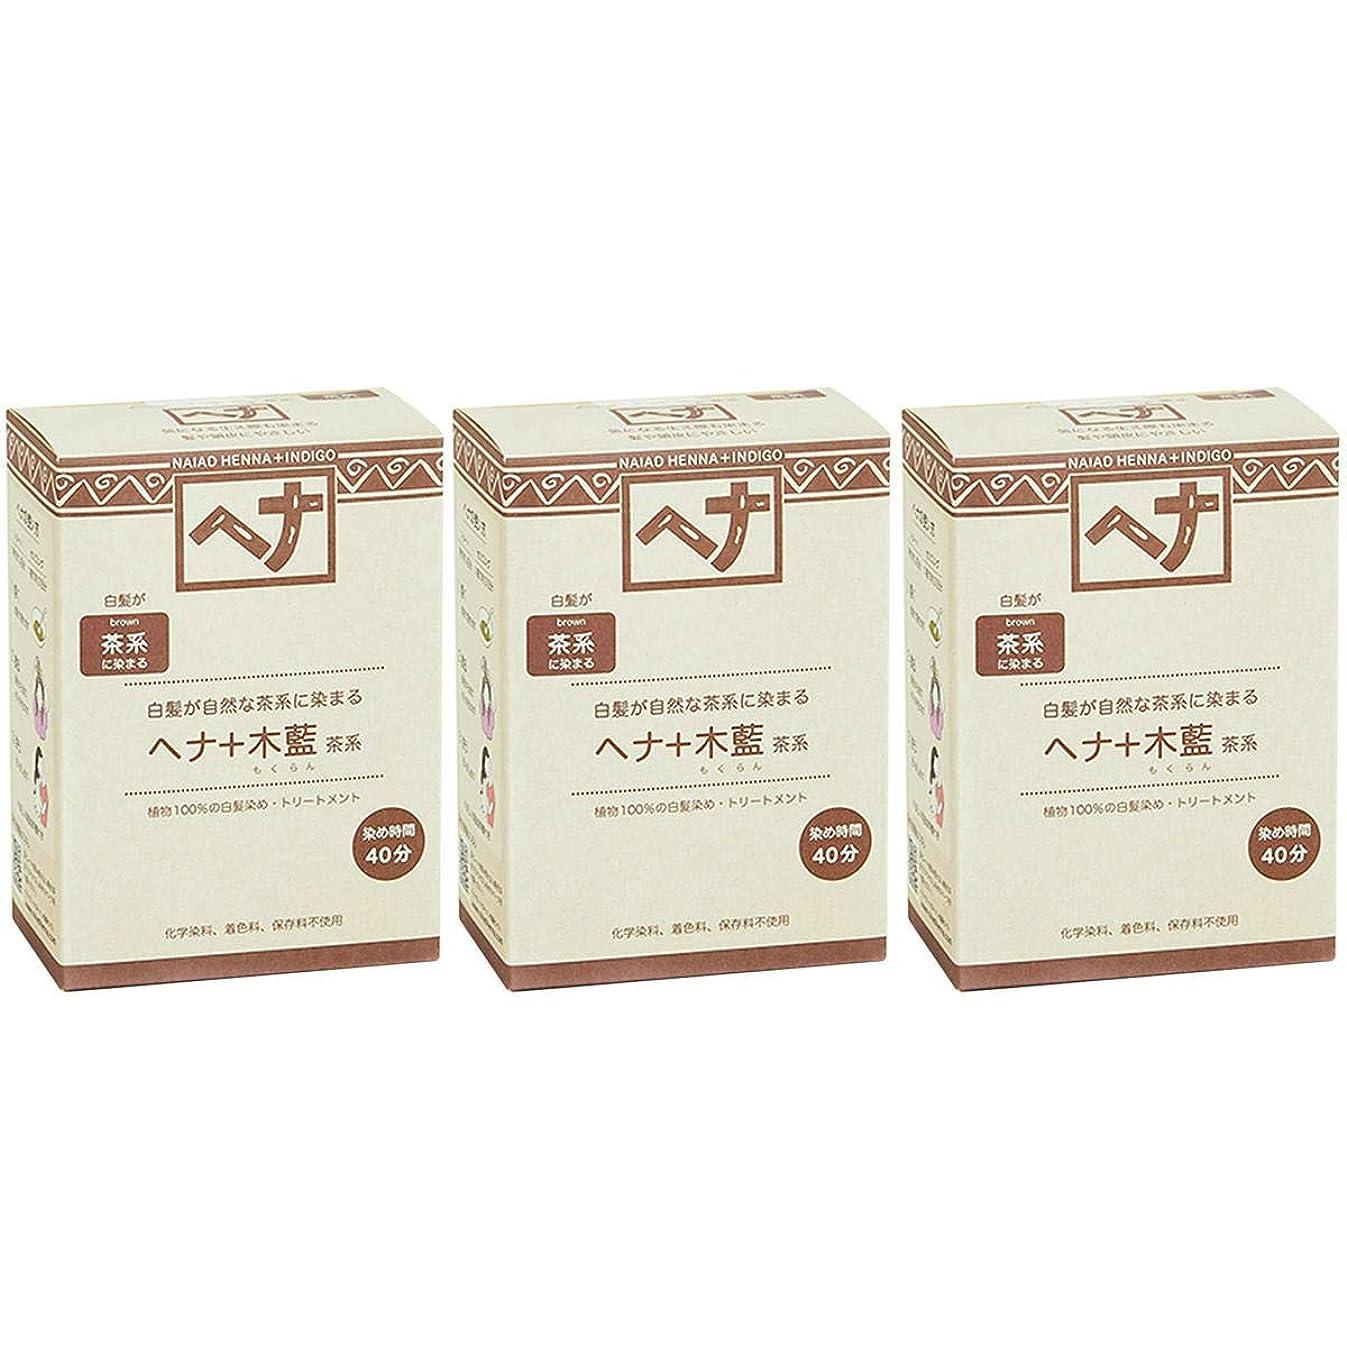 ディベート一人で戦艦ナイアード ヘナ + 木藍 茶系 白髪が自然な茶系に染まる 100g 3個セット